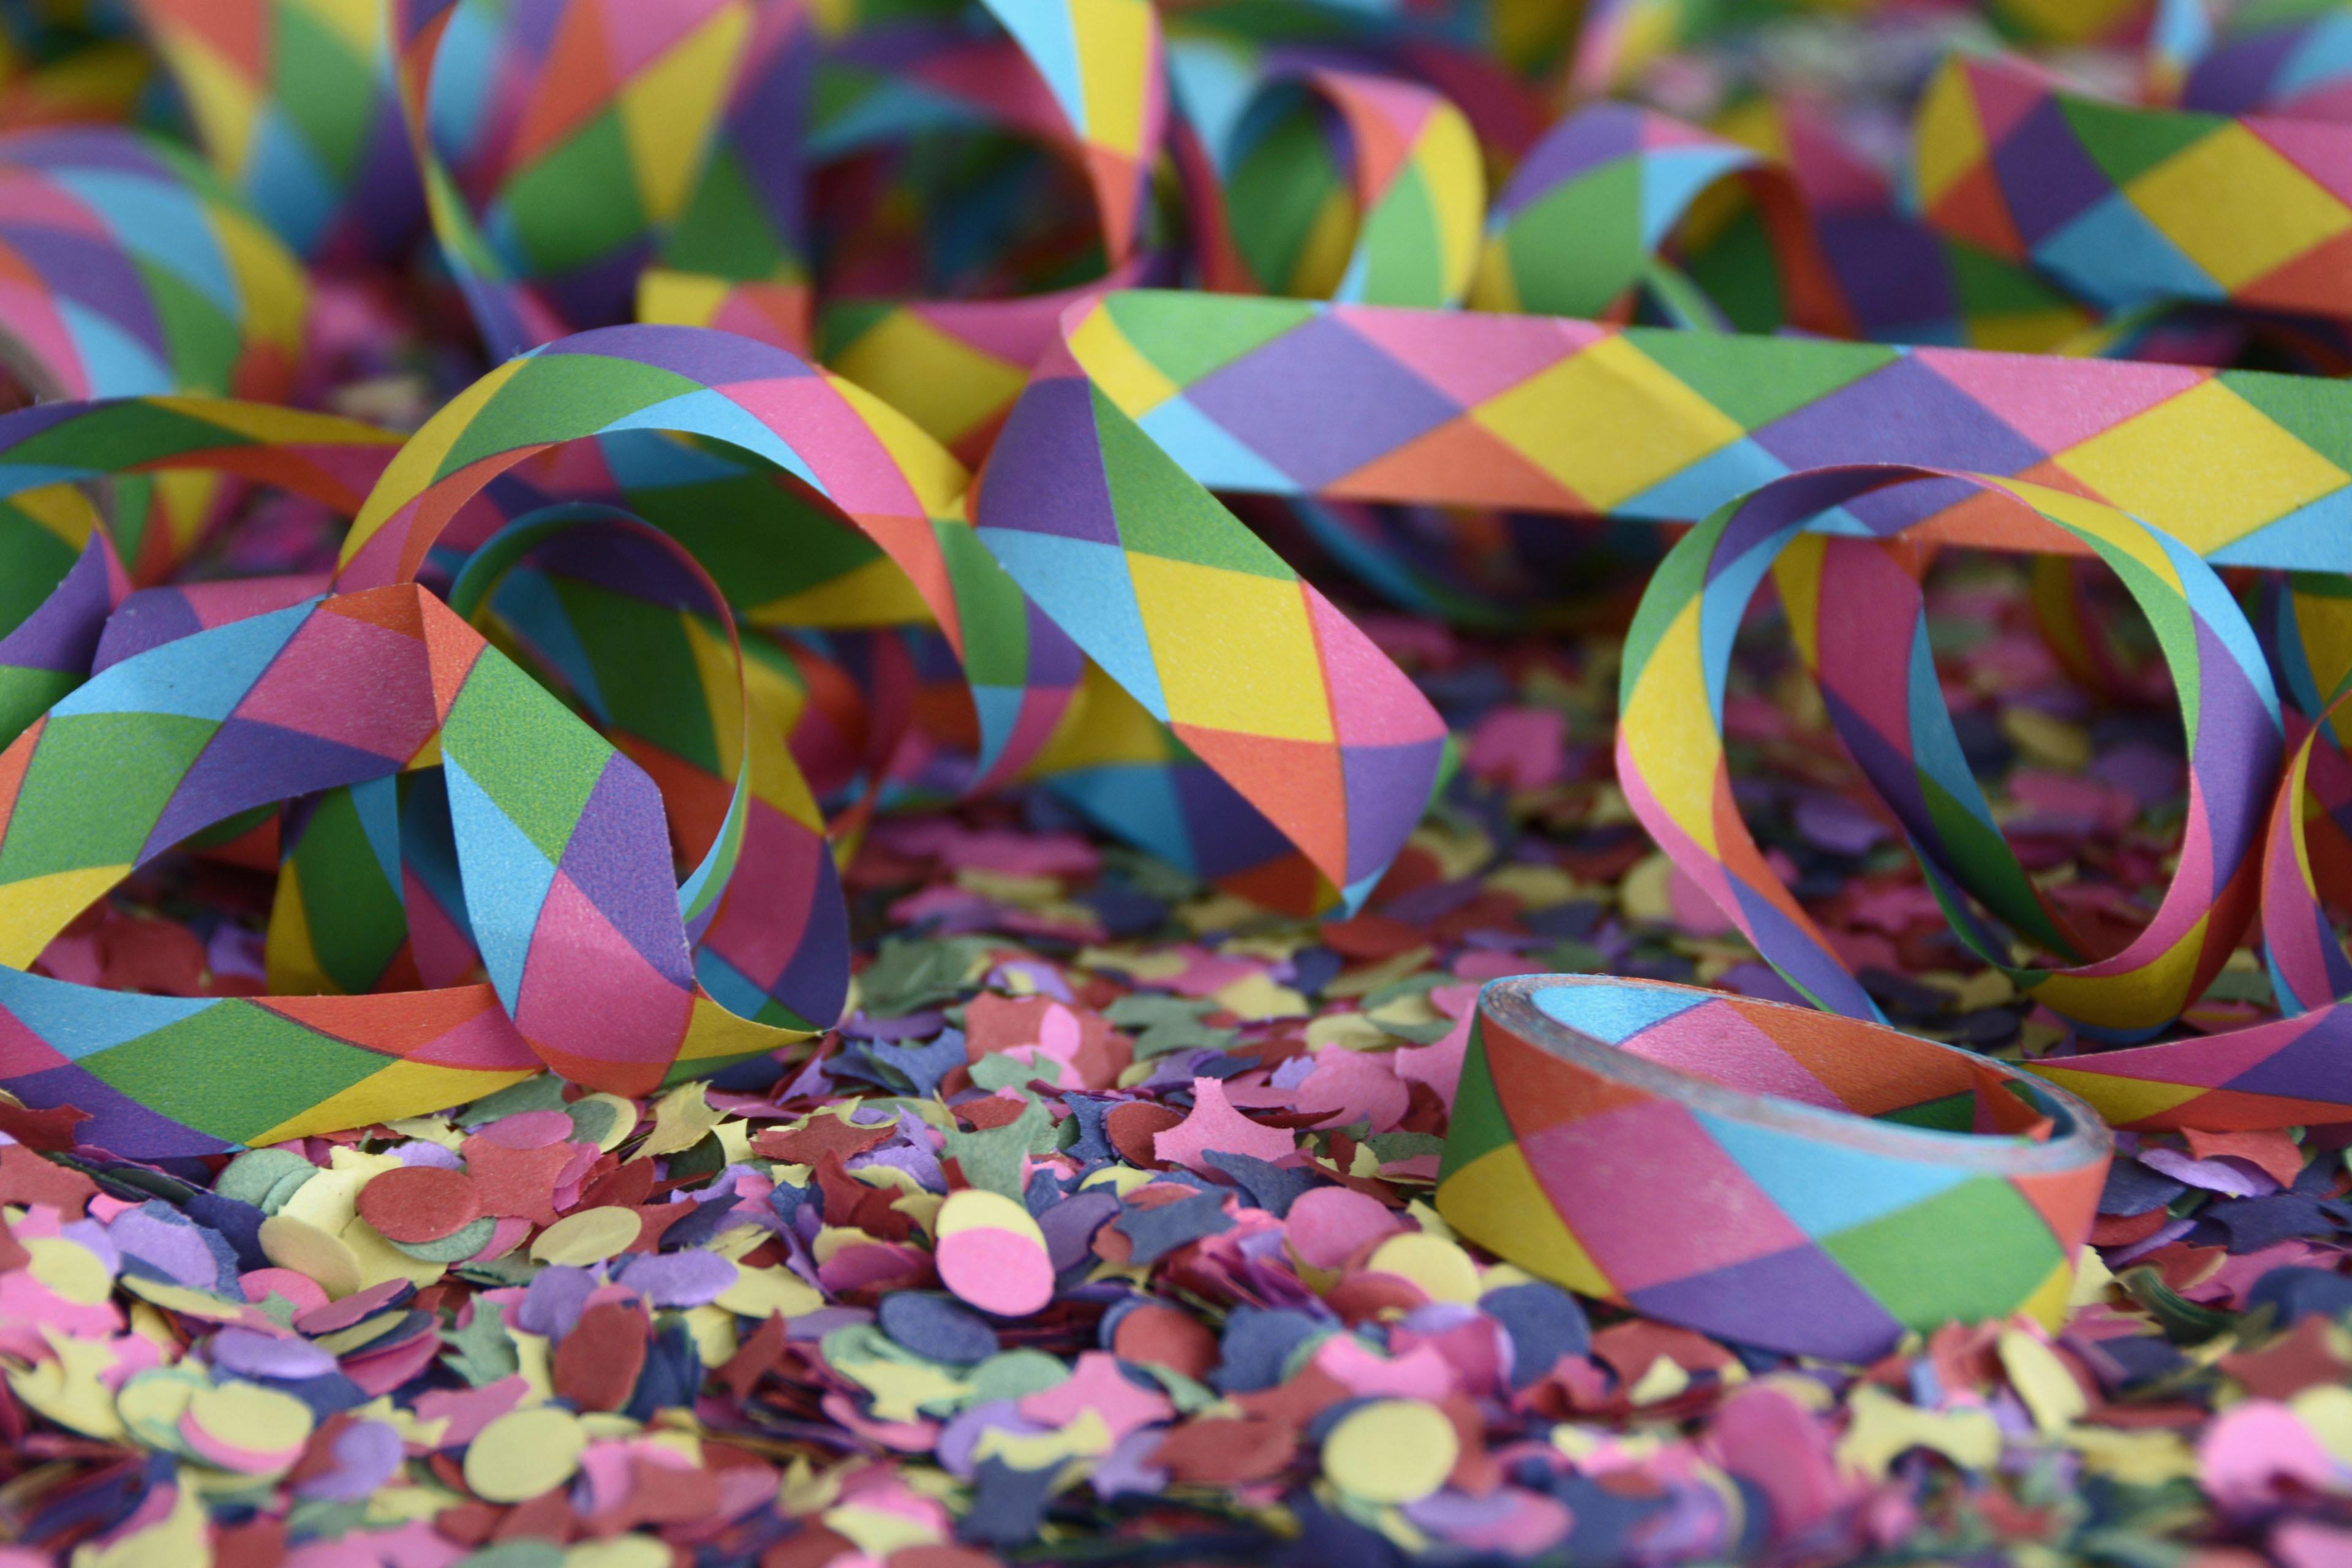 free images flower petal celebration food carnival color